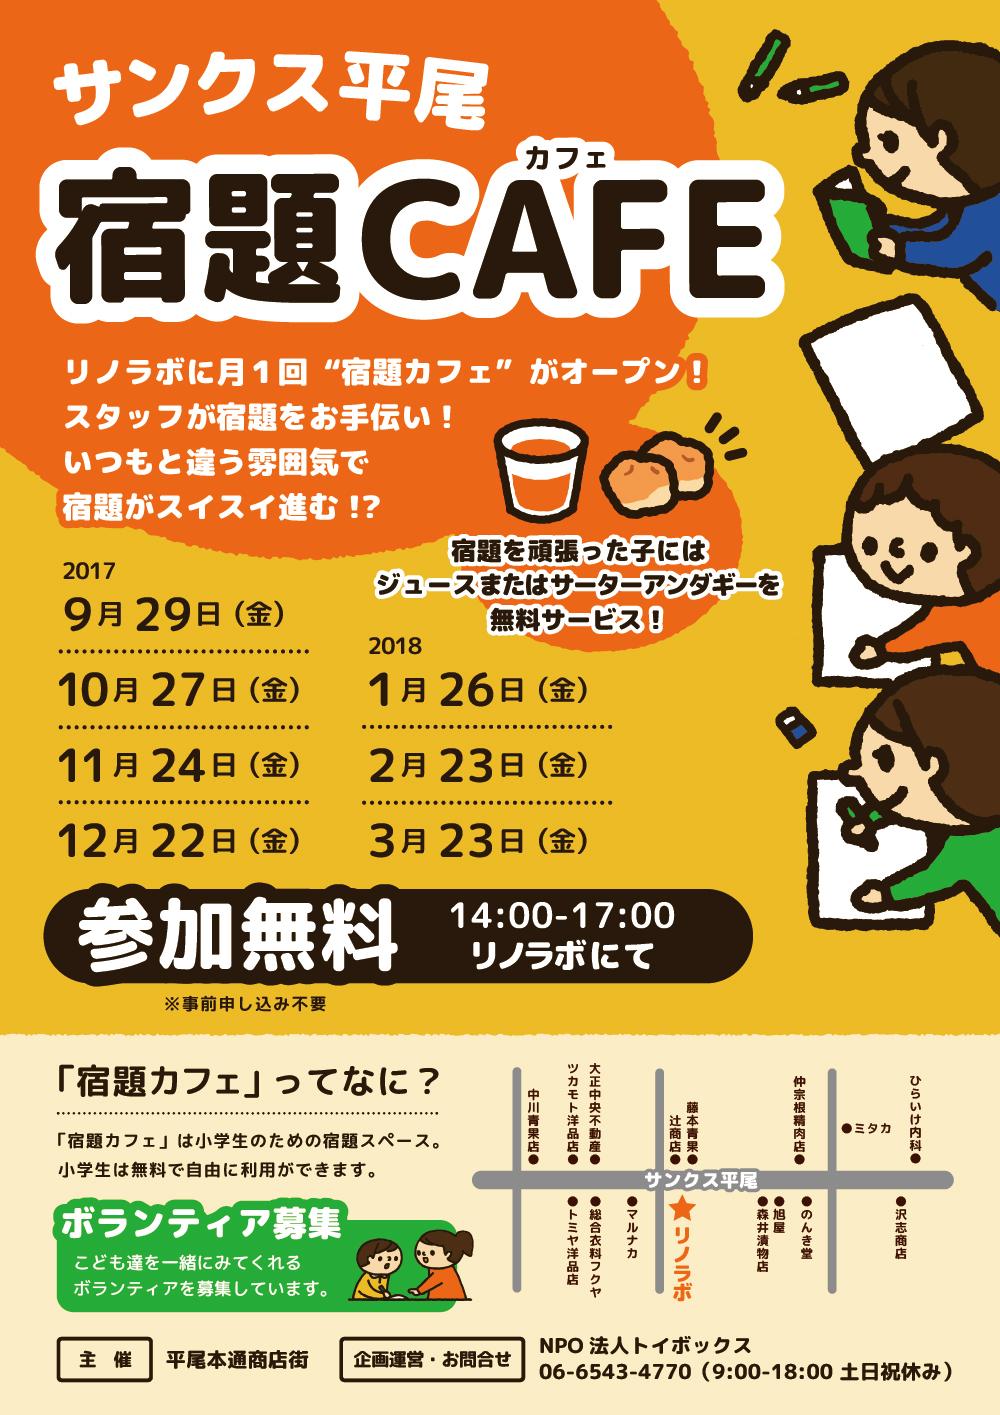 サンクス平尾の宿題cafe@リノラボにて